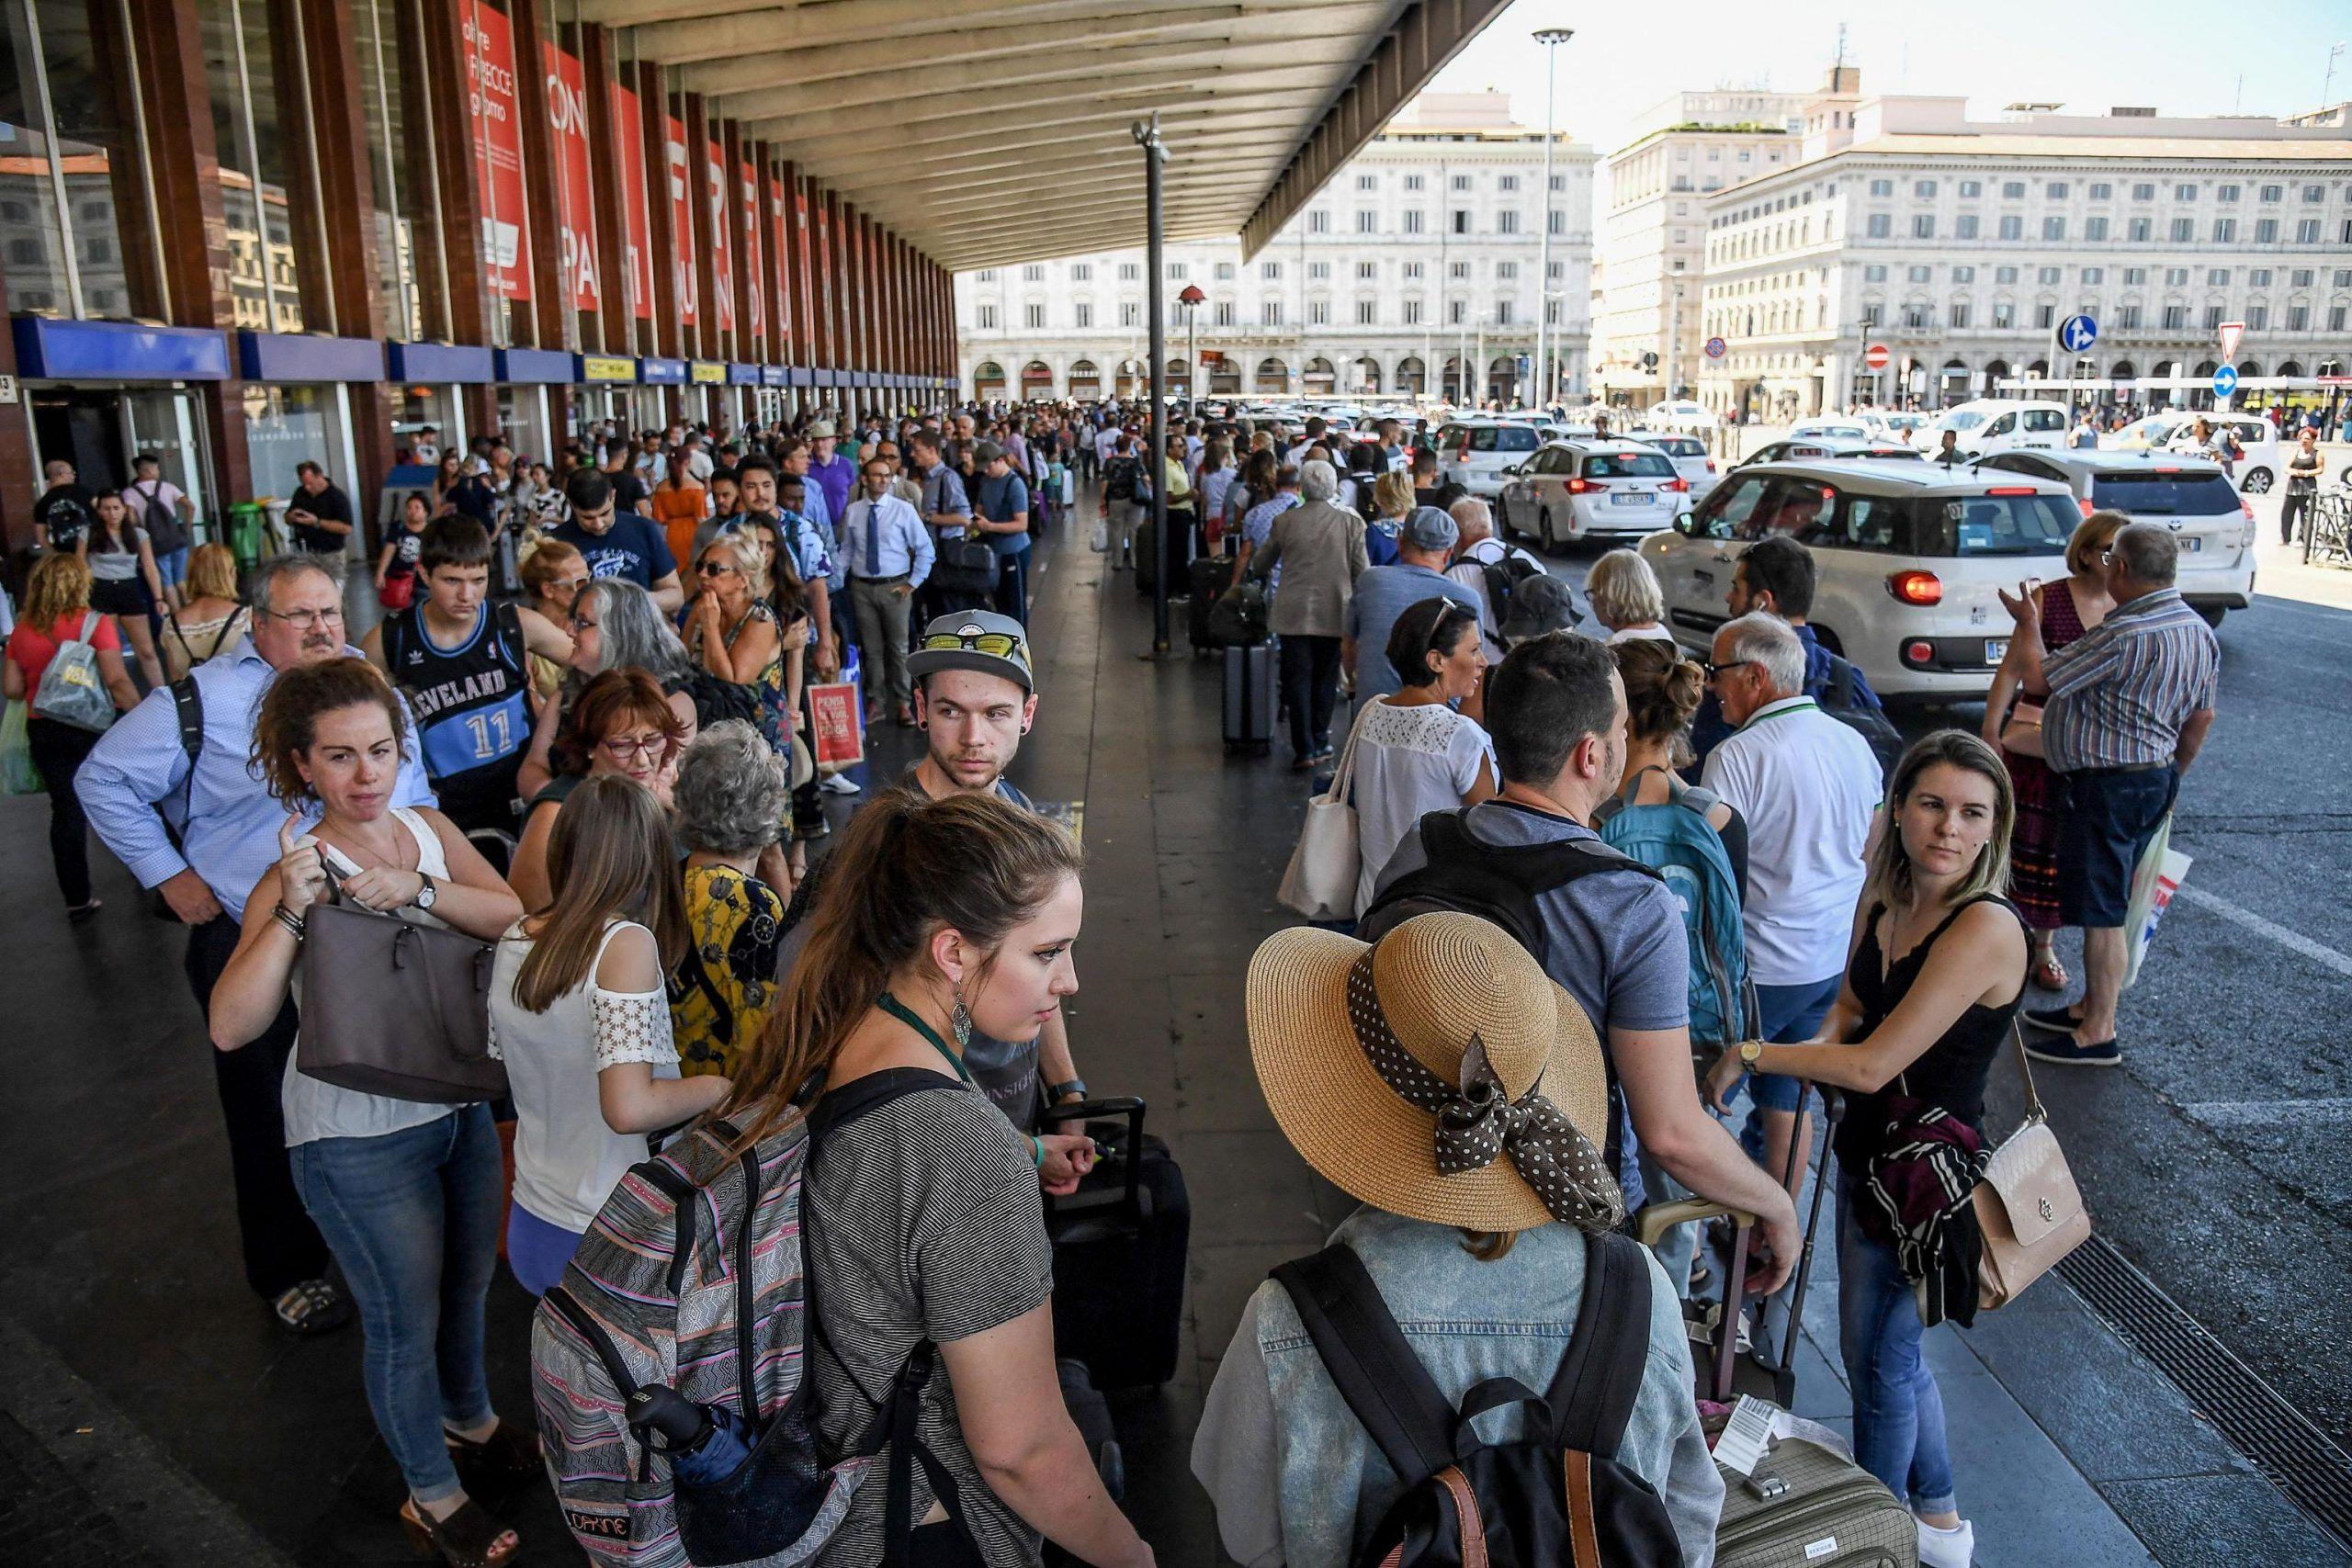 roma passeggeri in attesa foto repertorio